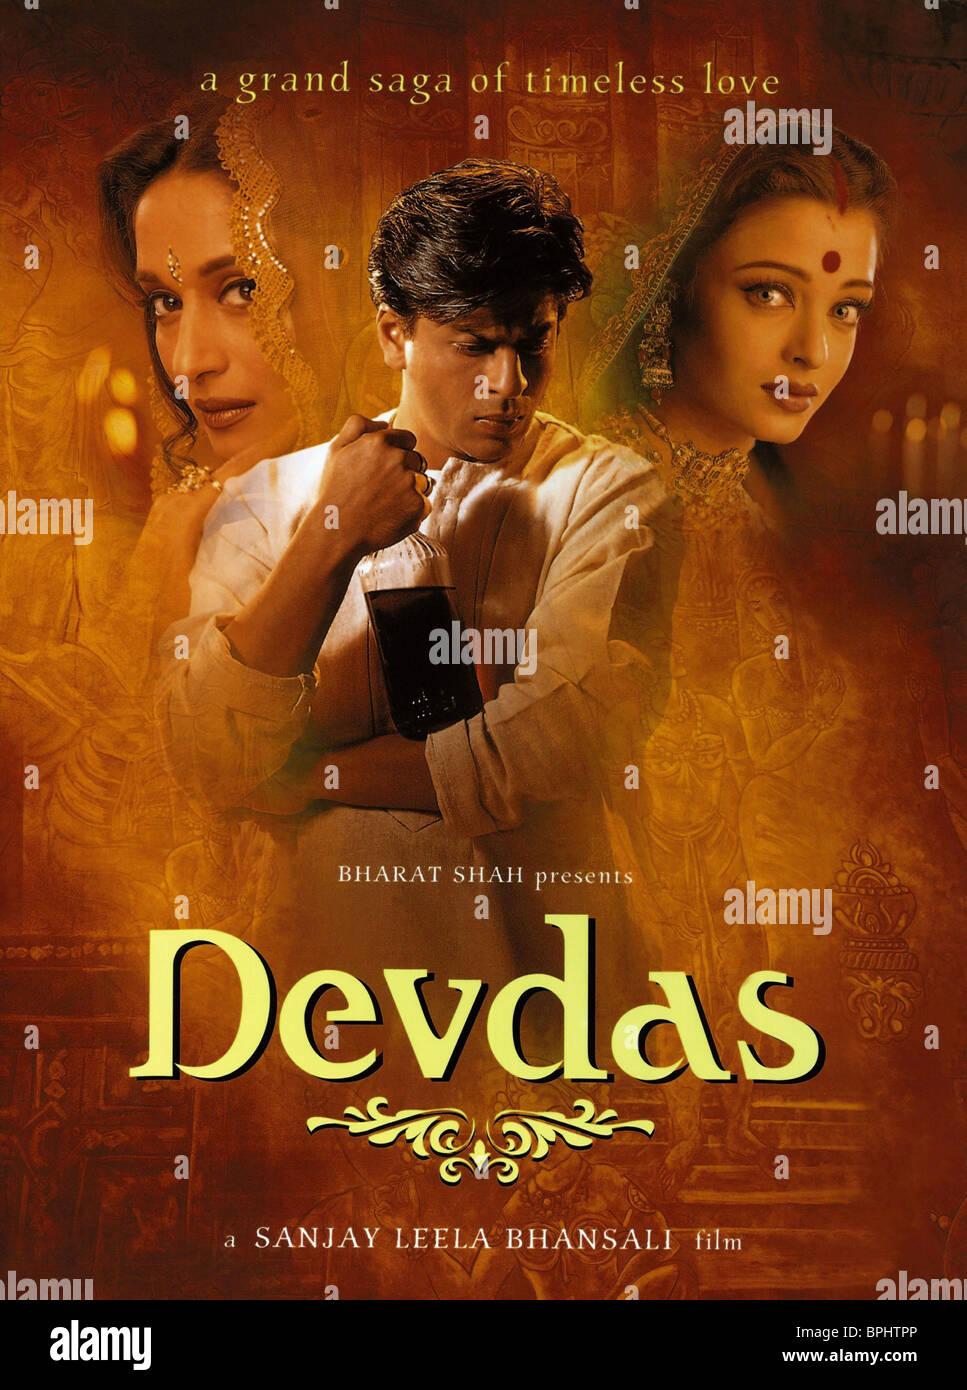 Madhuri Dixit Shahrukh Khan Aishwarya Rai Filmplakat Devdas 2002